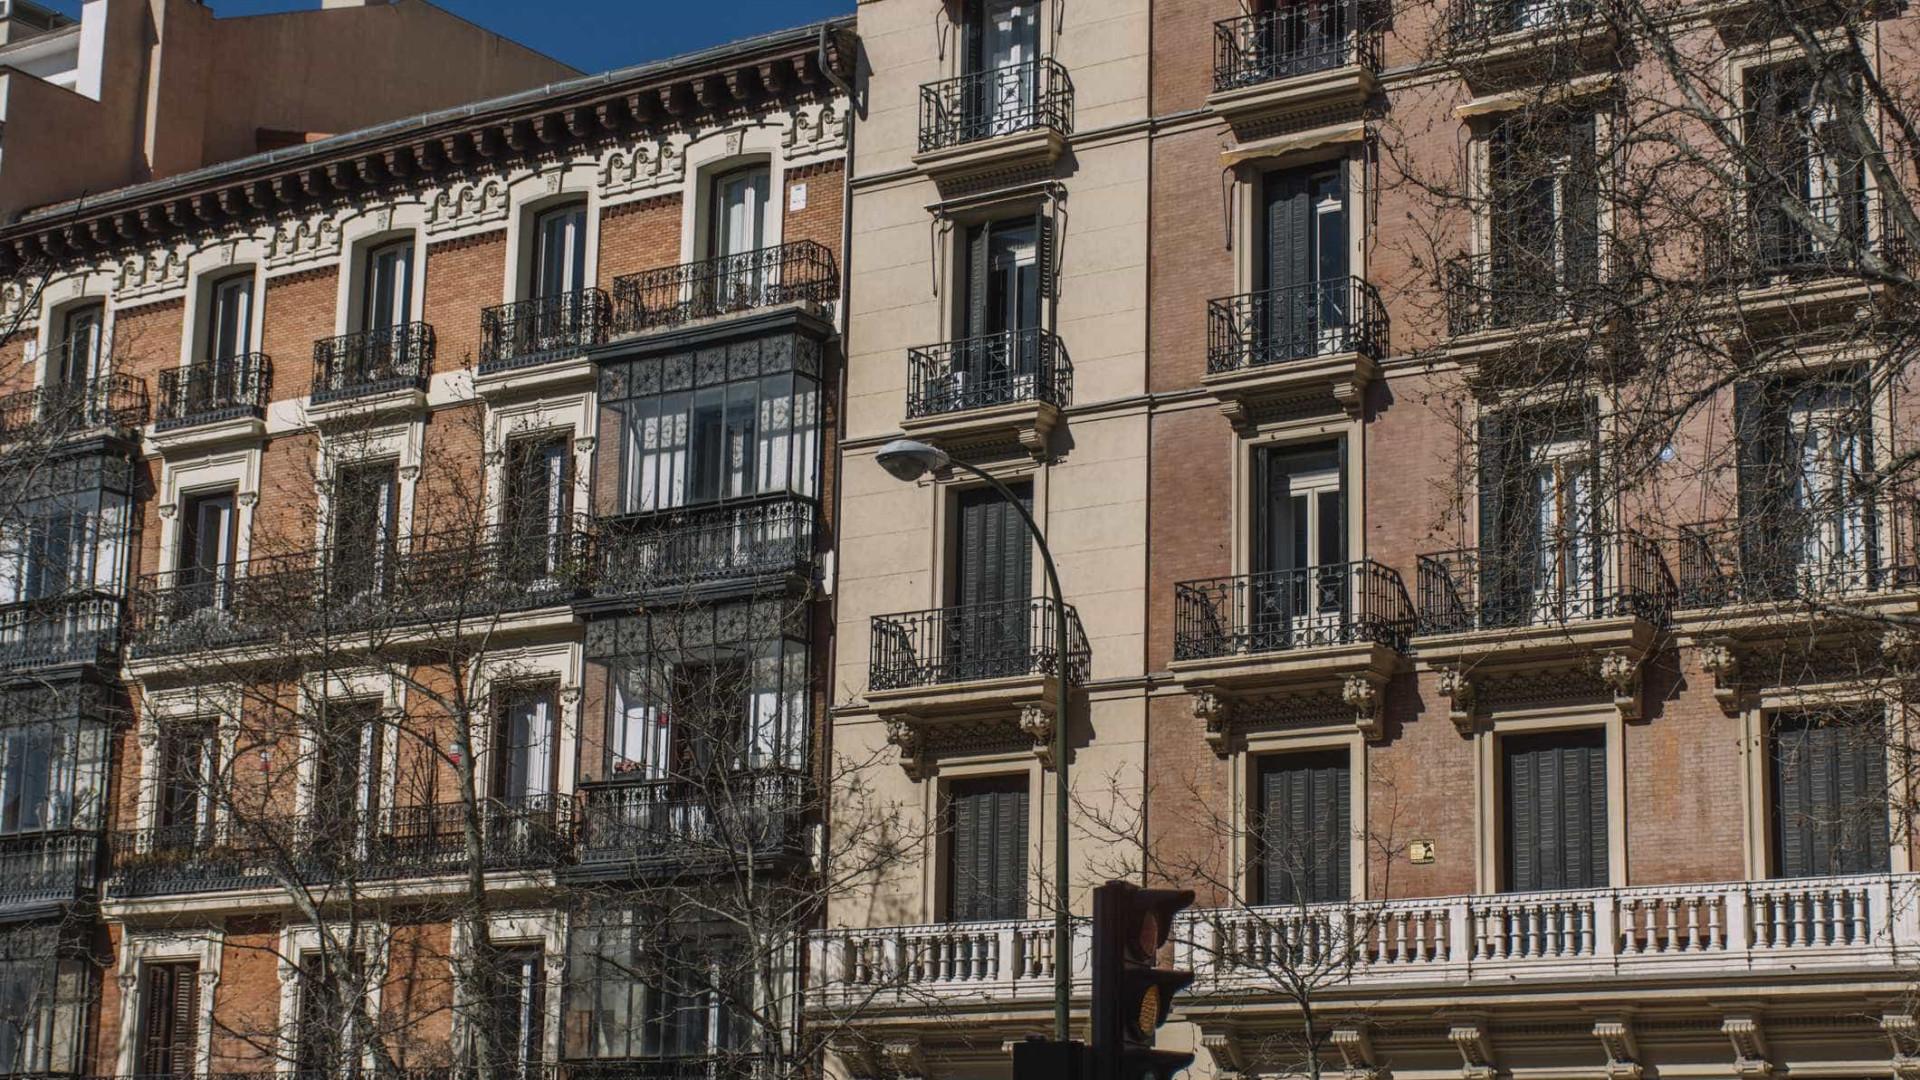 Revisão da legislação contribui para reabilitação urbana ser regra